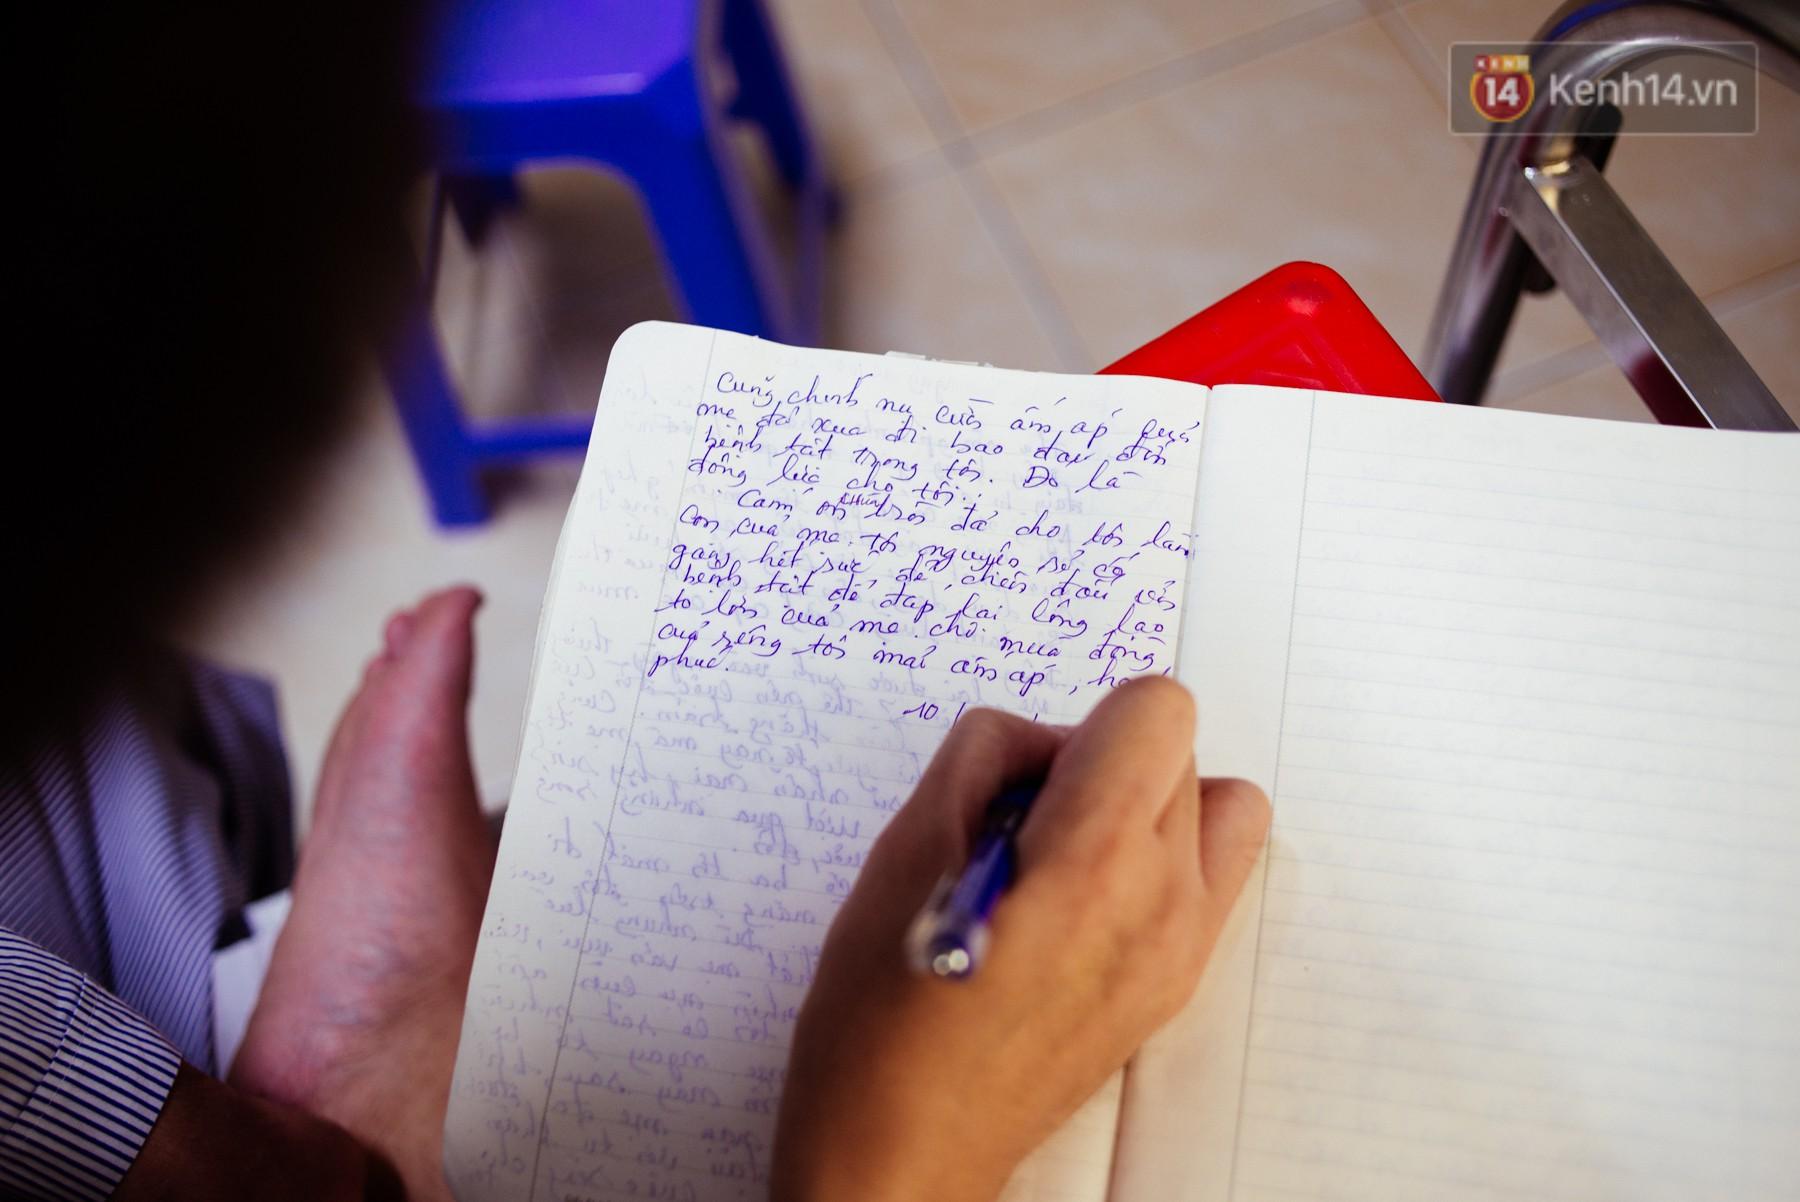 Trang nhật ký xúc động về mẹ của cậu trai bị liệt nửa người và tâm sự của những đứa con không còn mẹ - Ảnh 2.